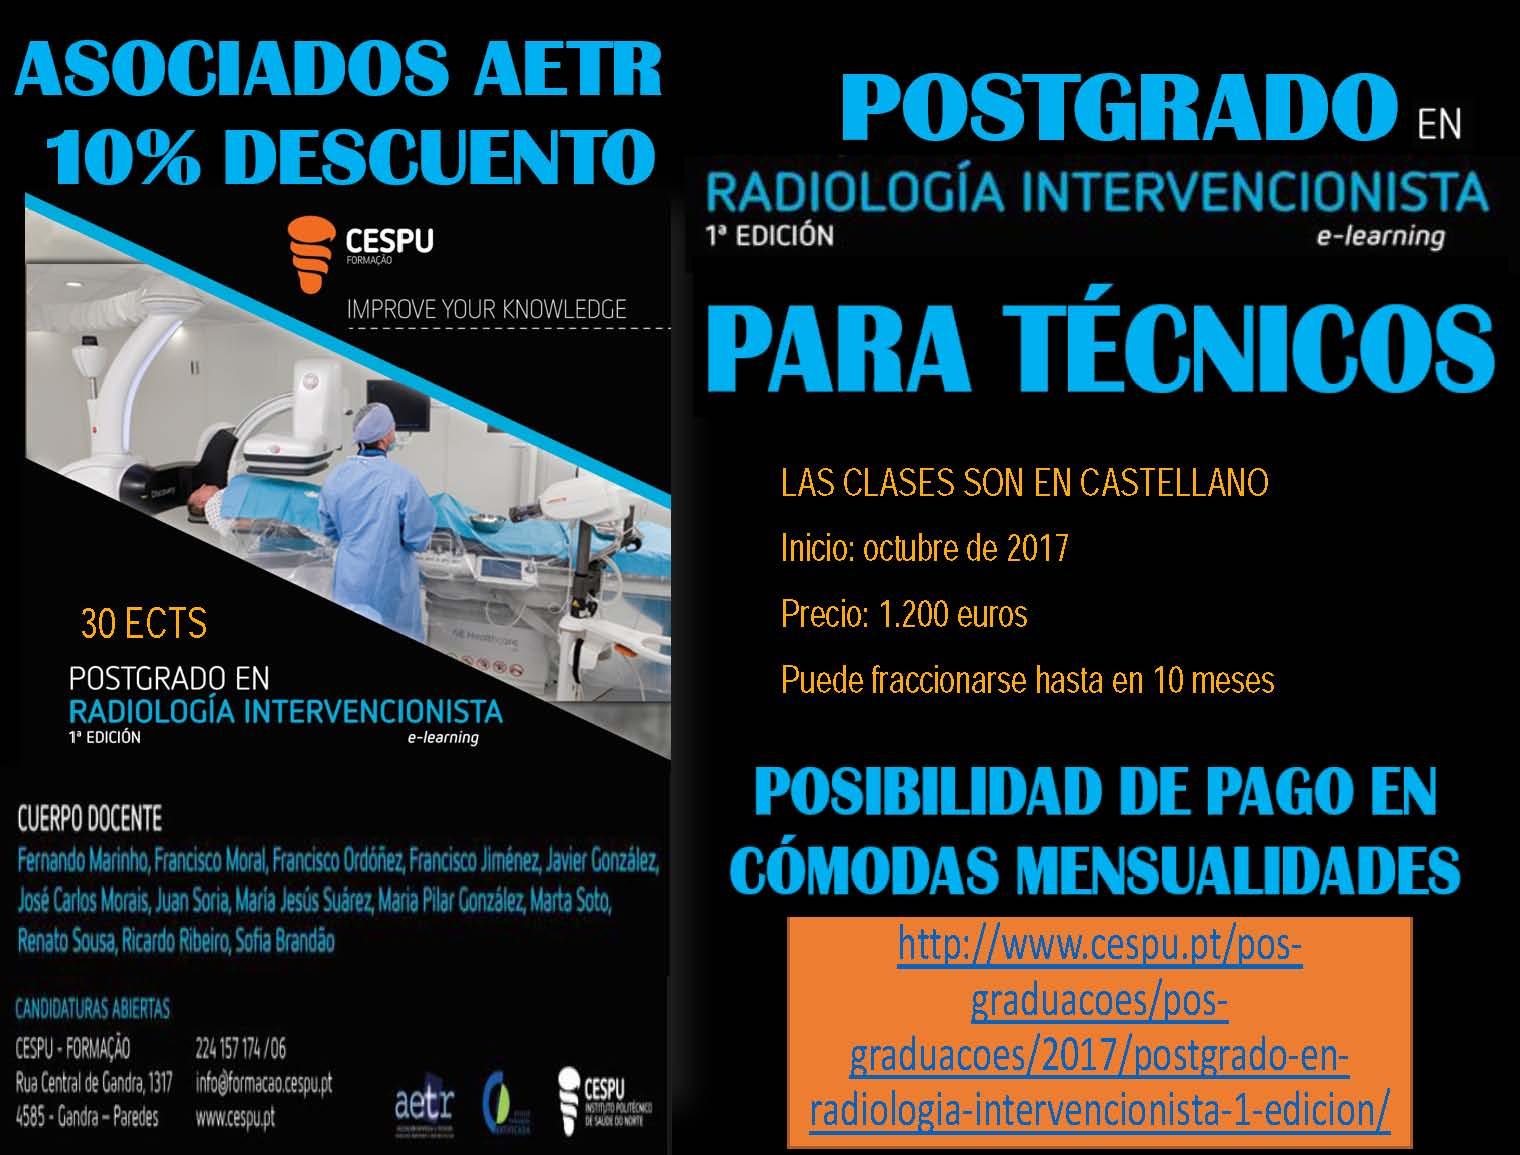 Postgrado en Radiología Vascular Intervencionista PARA TÉCNICOS de la Universidad CESPU (Portugal)